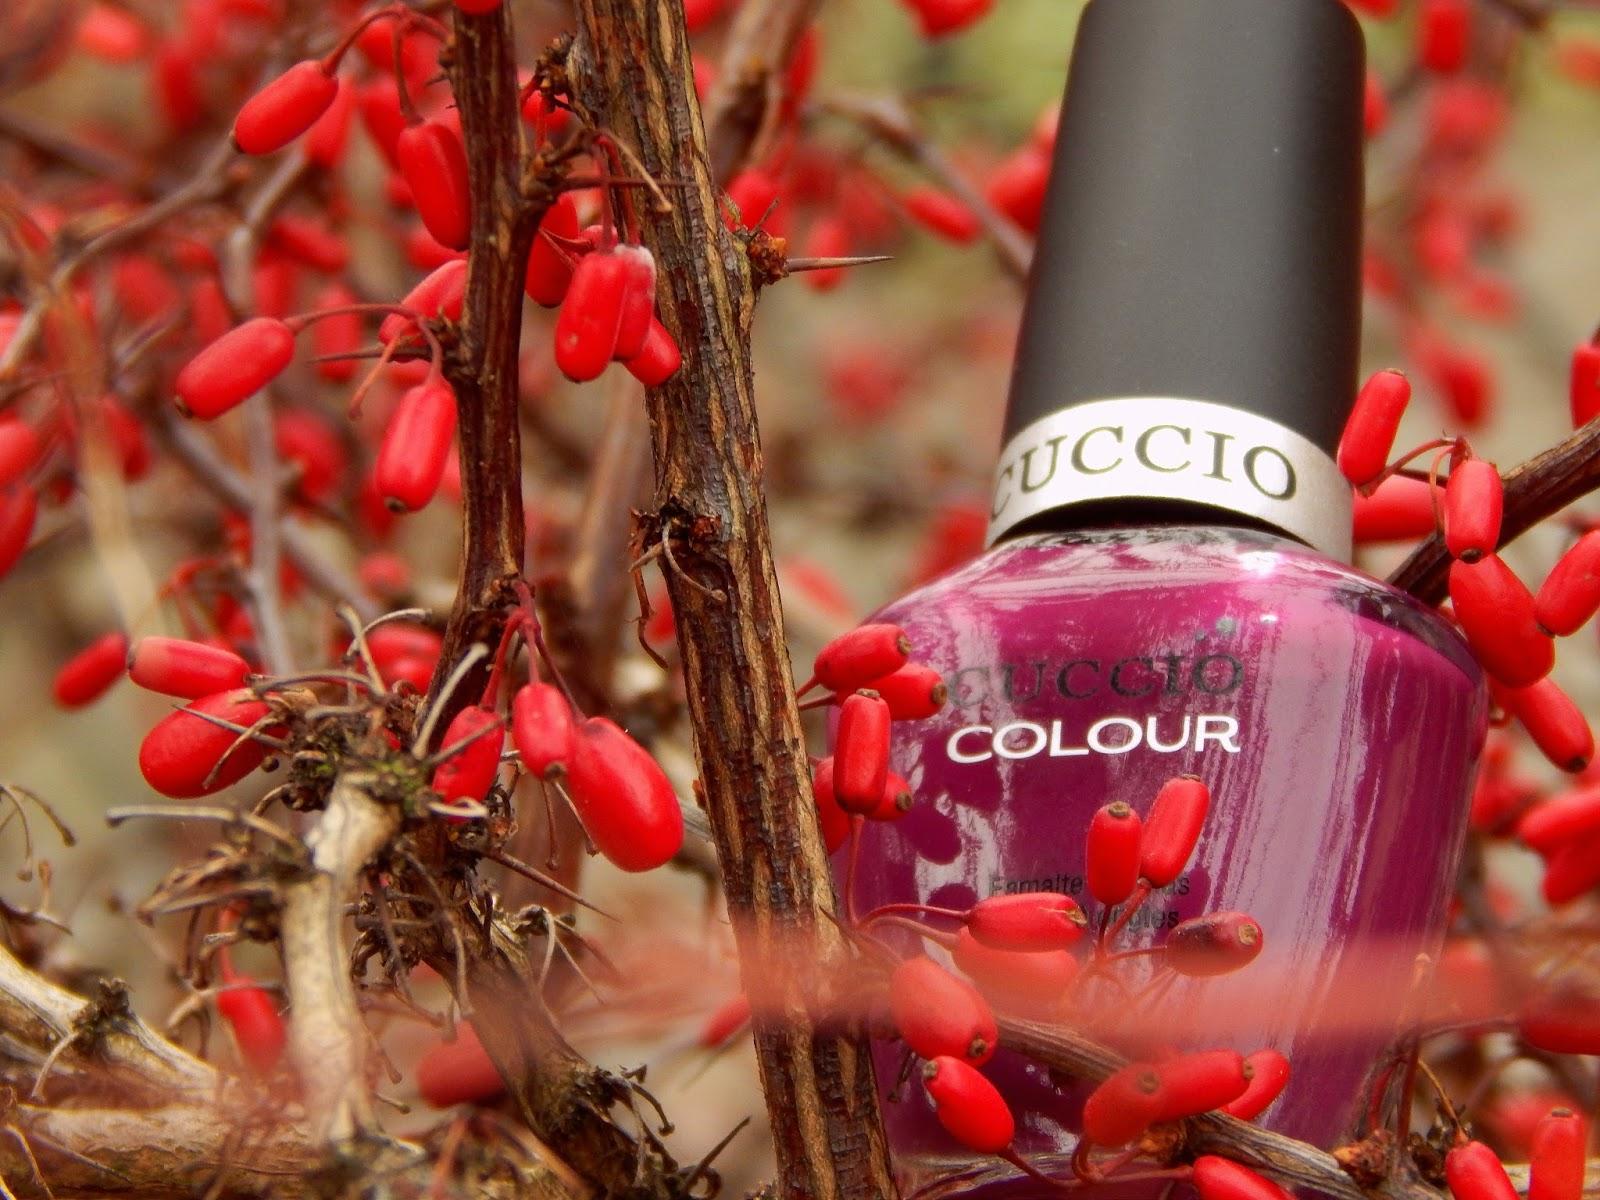 lakier cuccio, lakier Cuccio nr 6015 - kolor ciemny fiolet